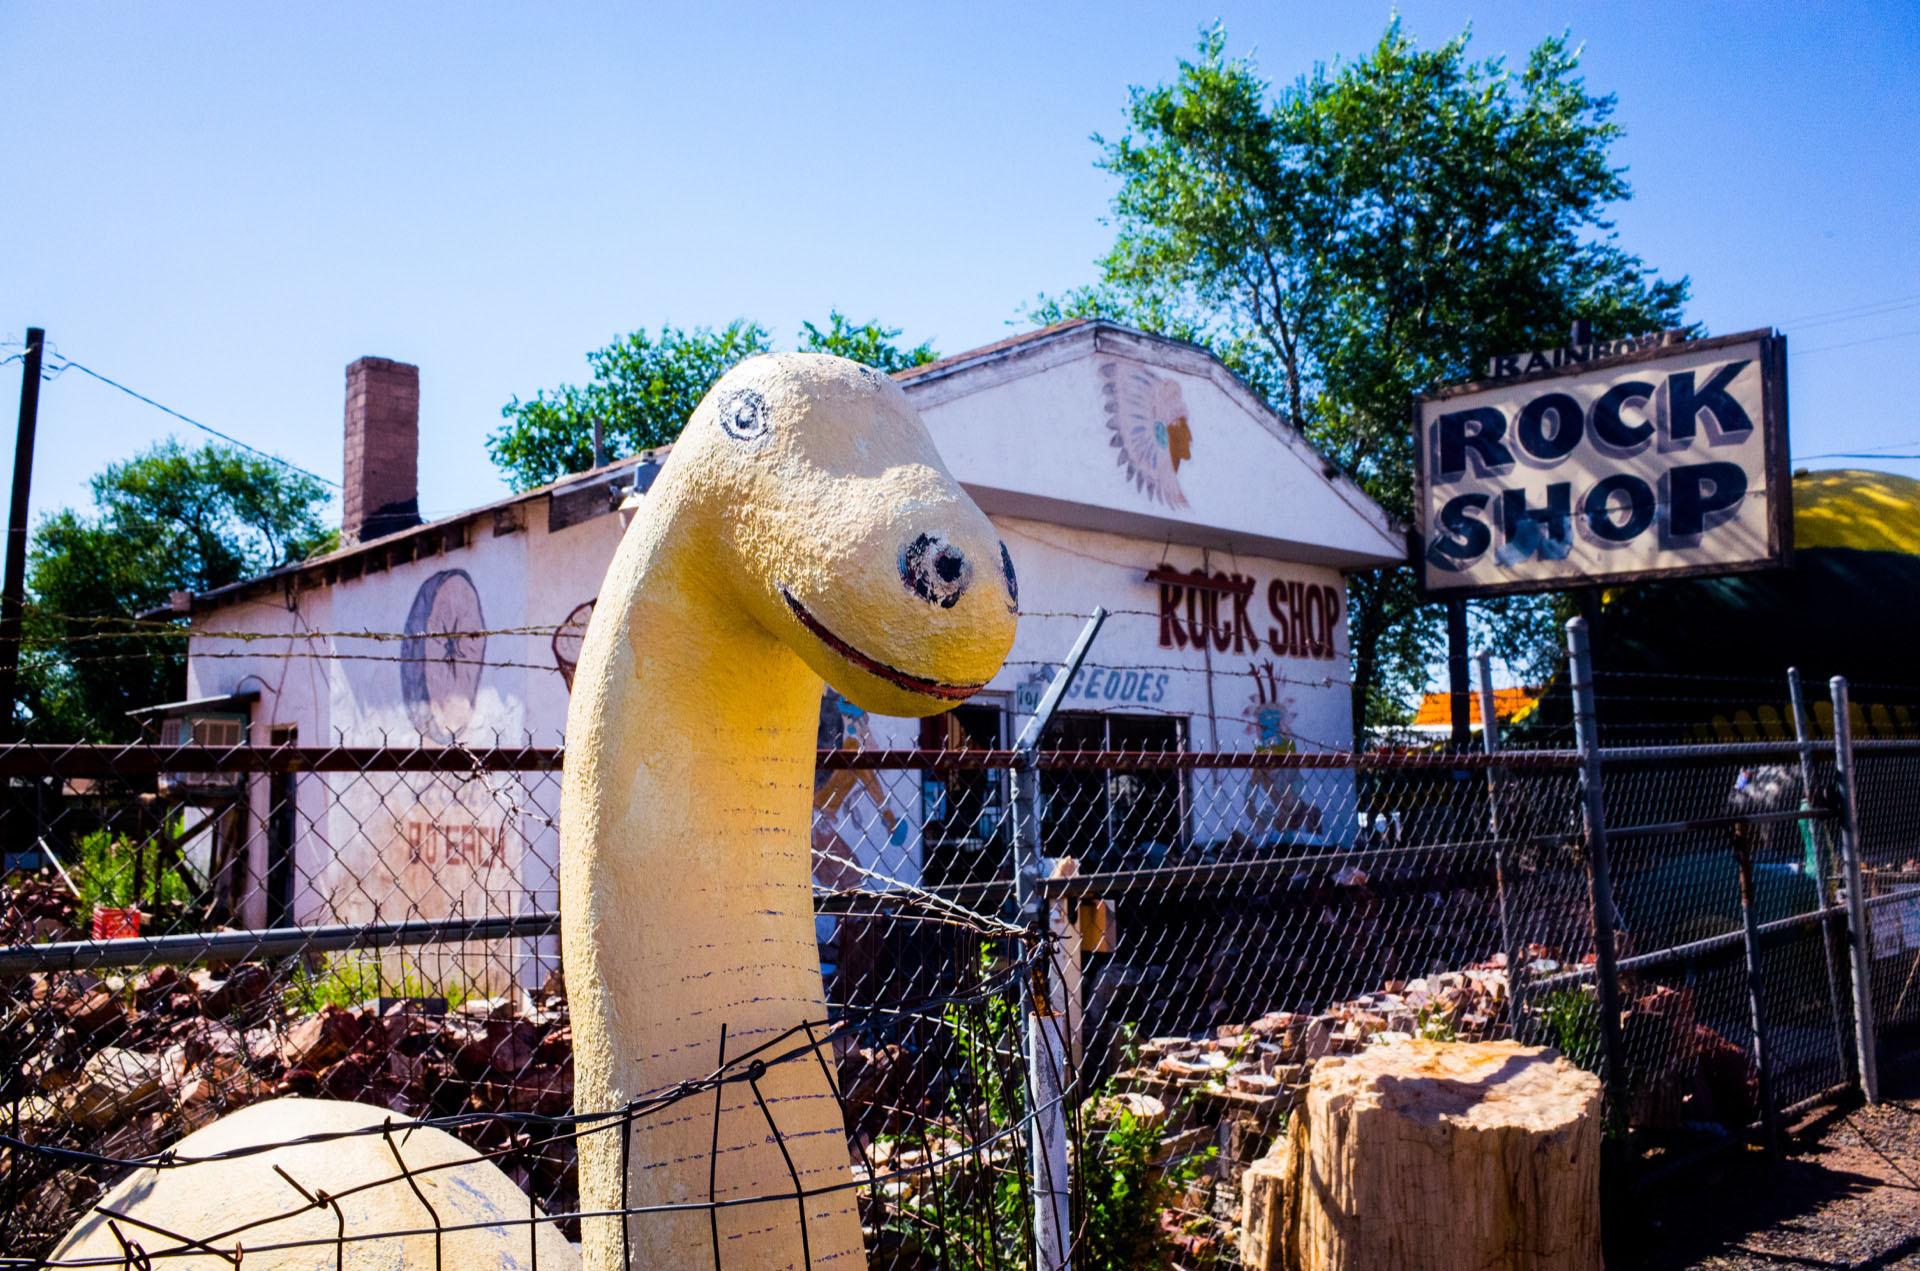 Rock Shop Holbrook